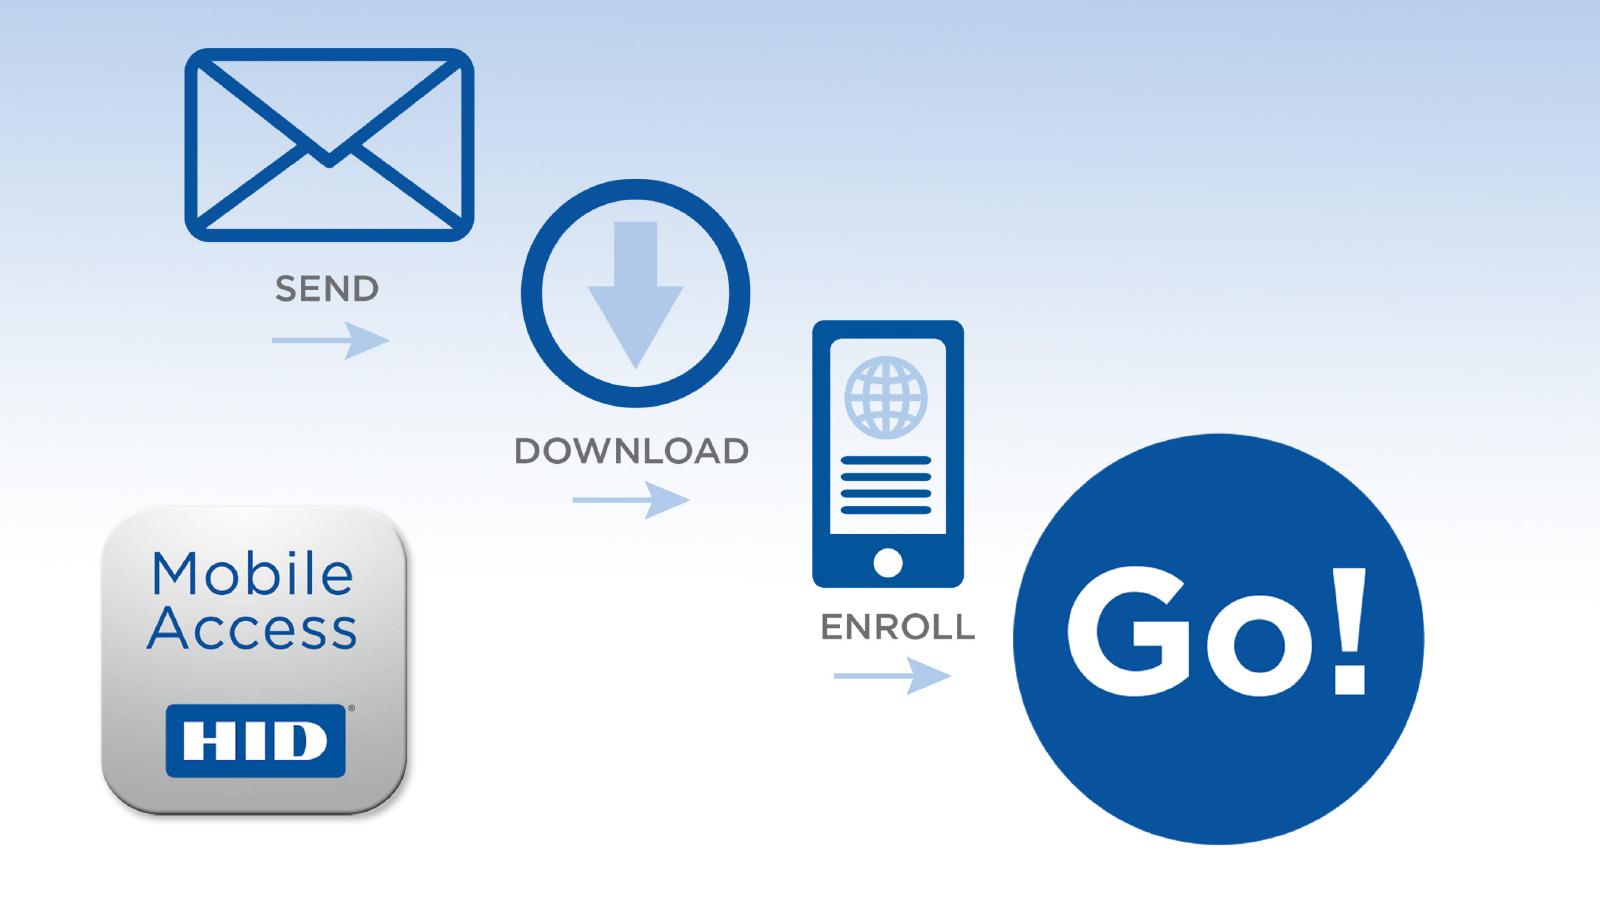 HID Mobile Access App Enrollment